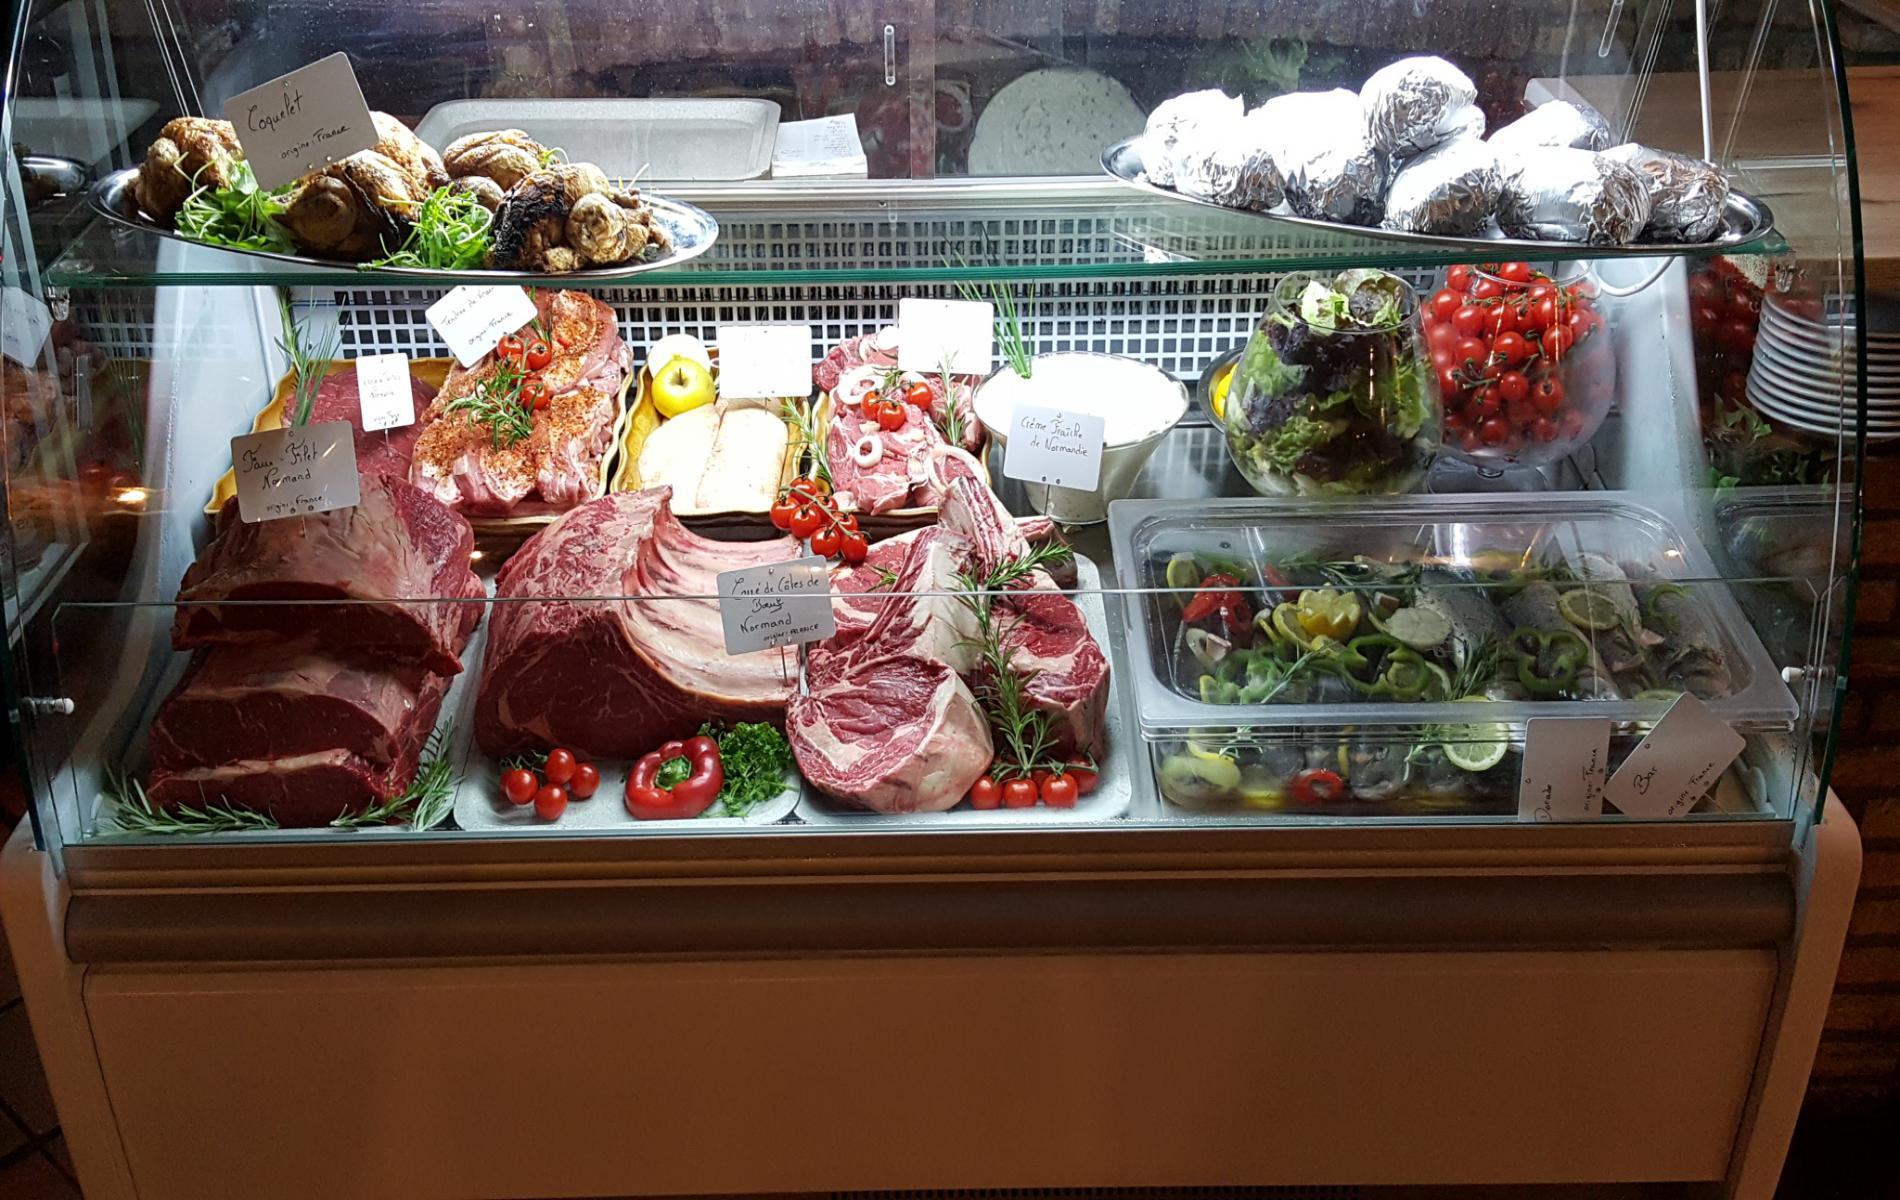 présentation de la viande dans la salle de restaurant